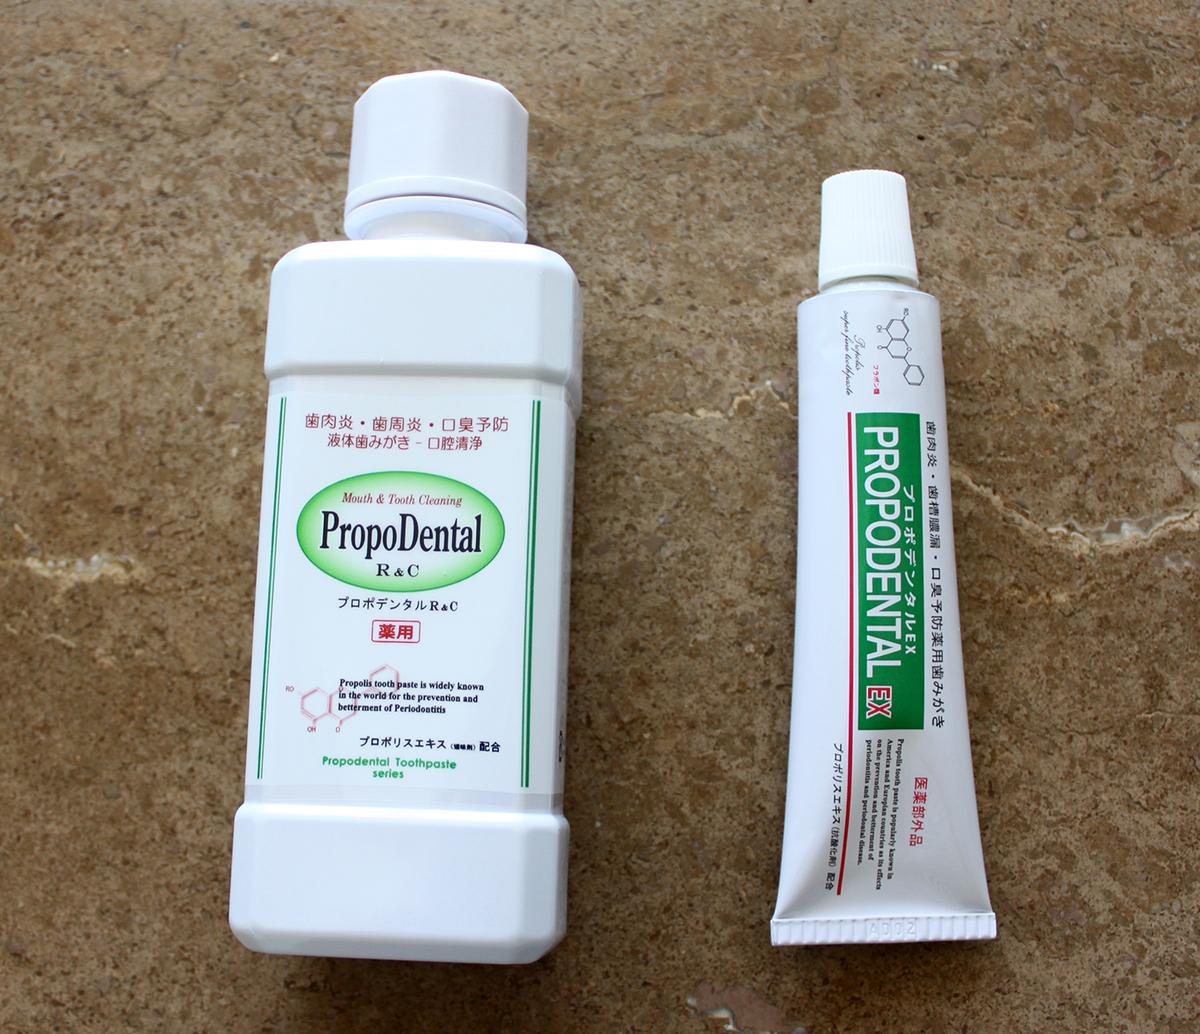 プロポデンタルR&CとプロポデンタルEX